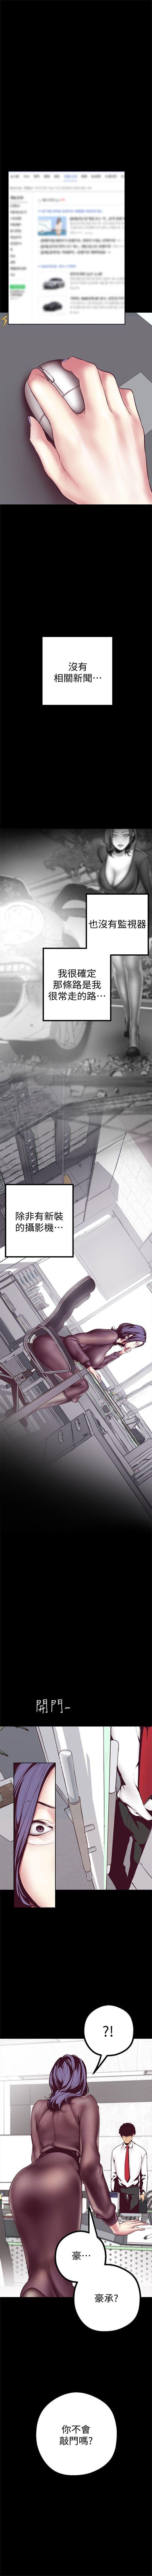 (周6)美丽新世界 1-61 中文翻译 (更新中) 81